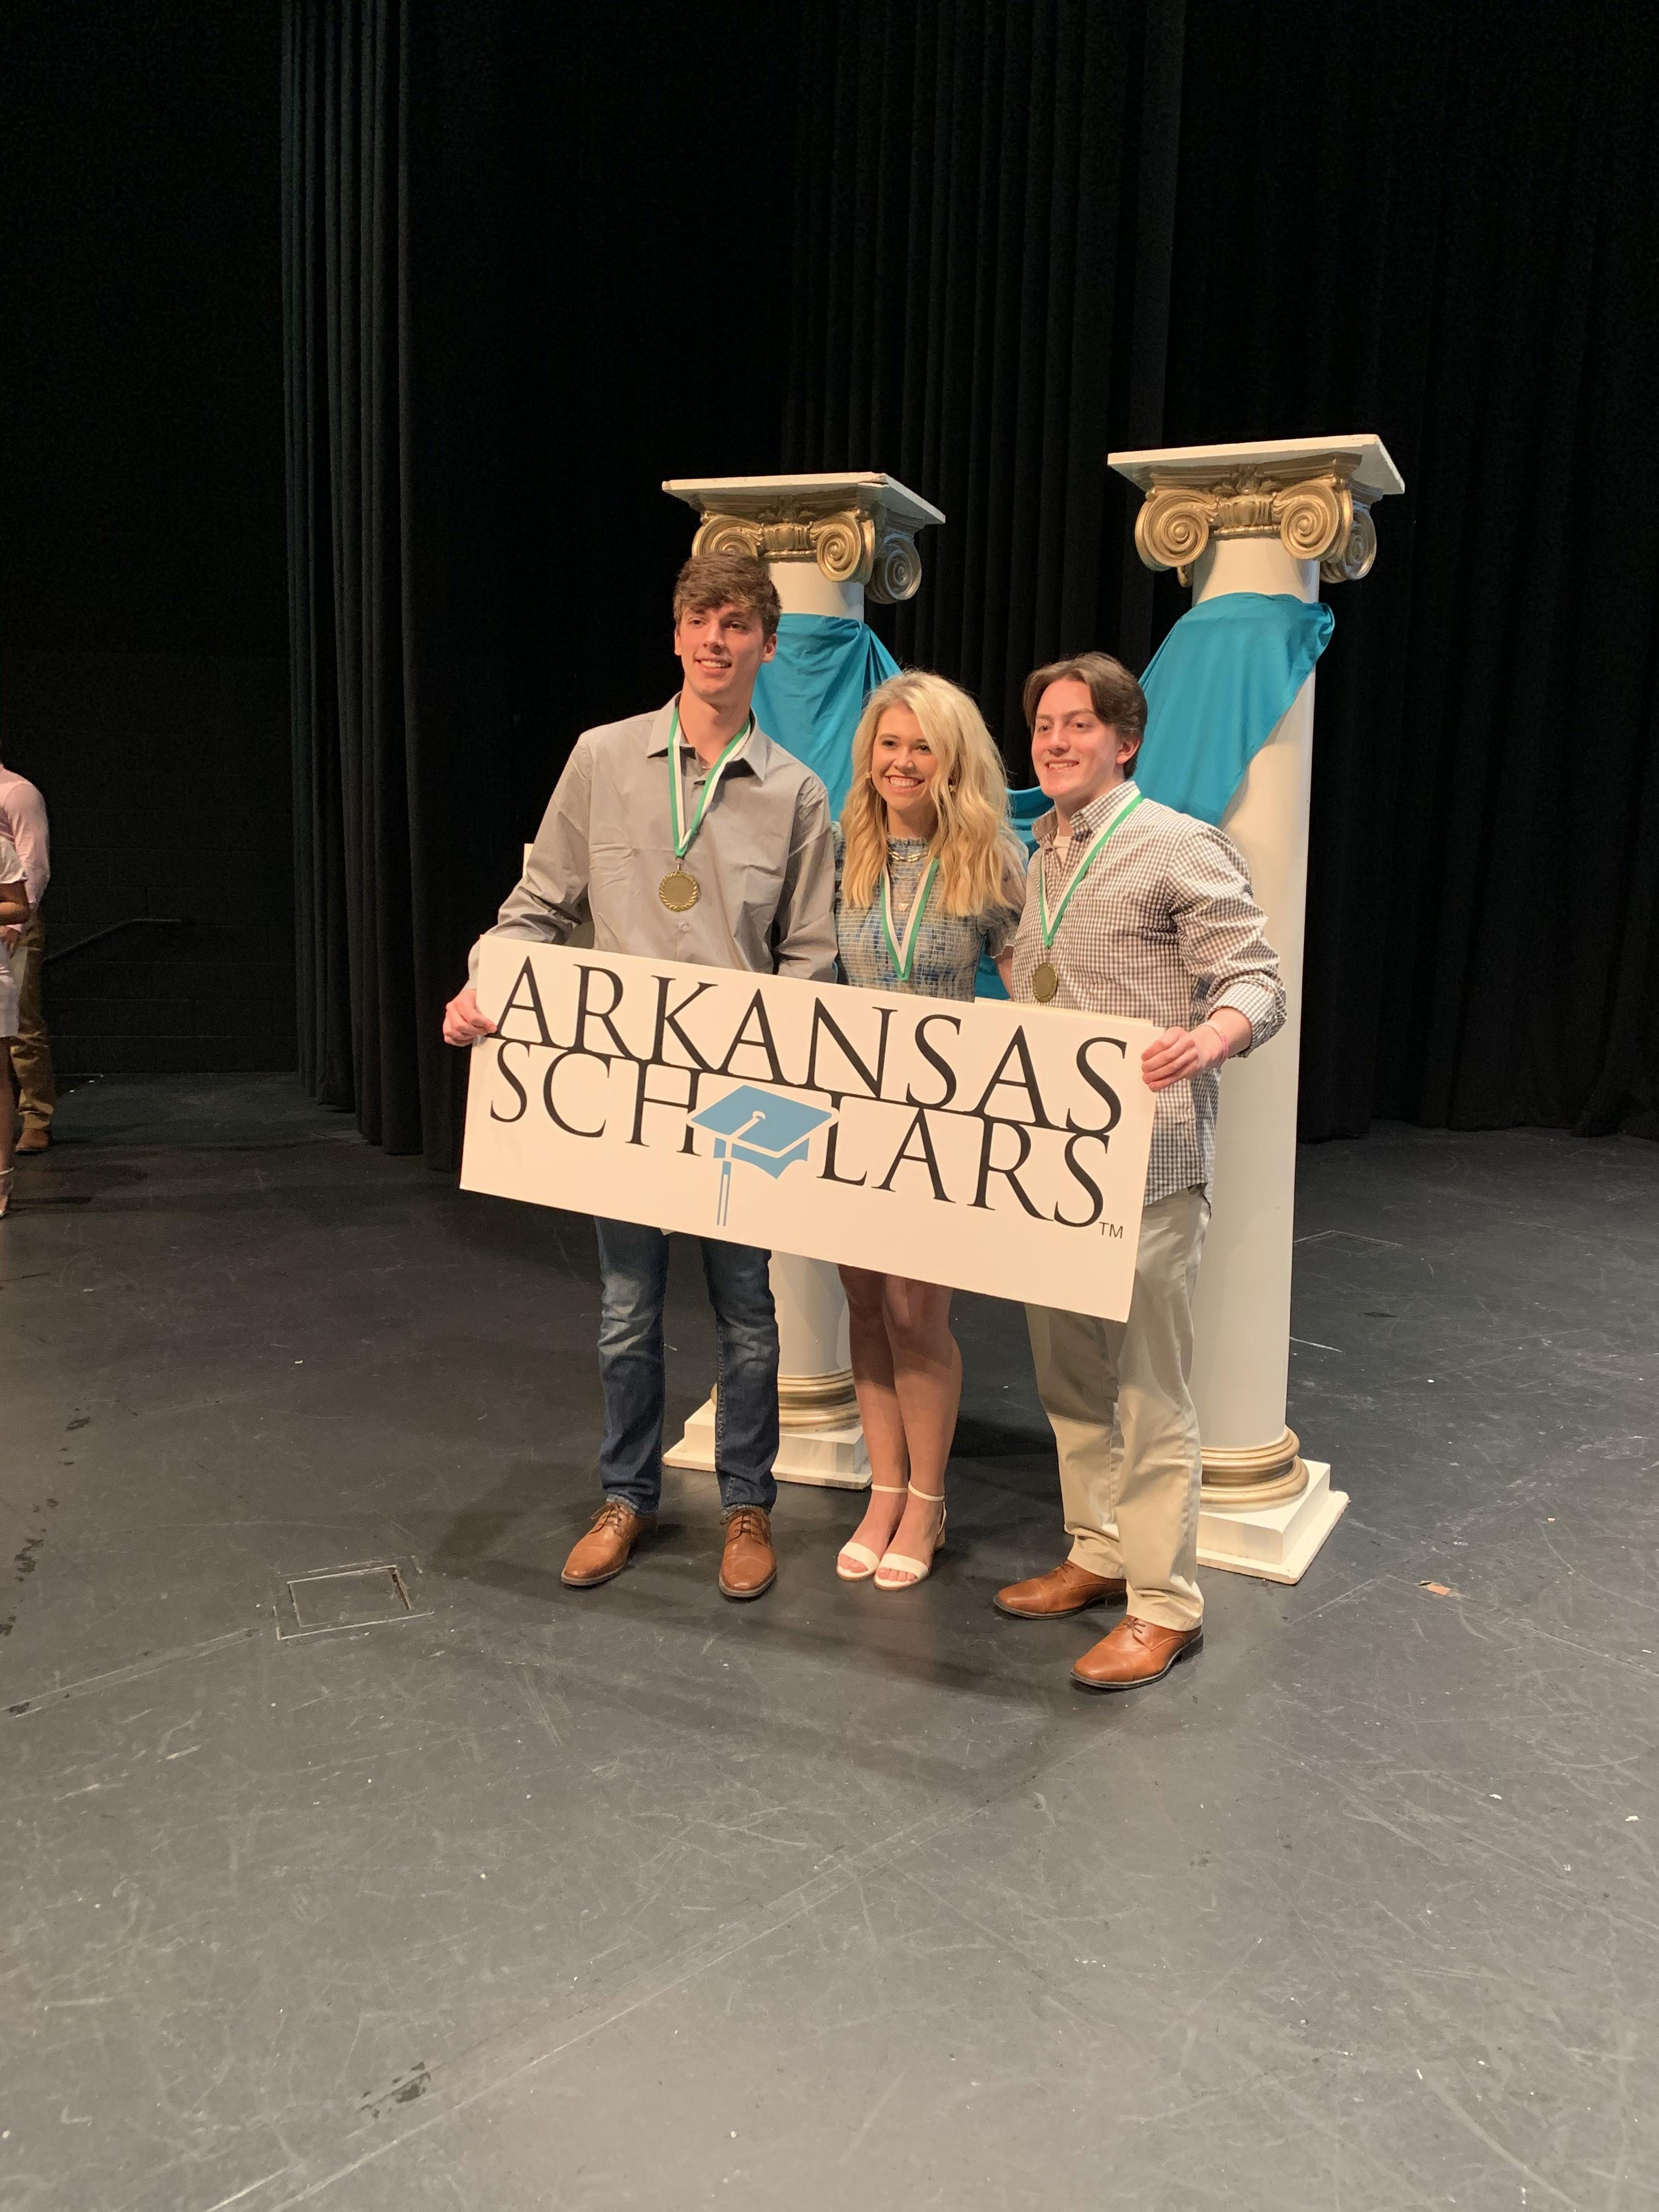 Image for VBHS Arkansas Scholars Honored